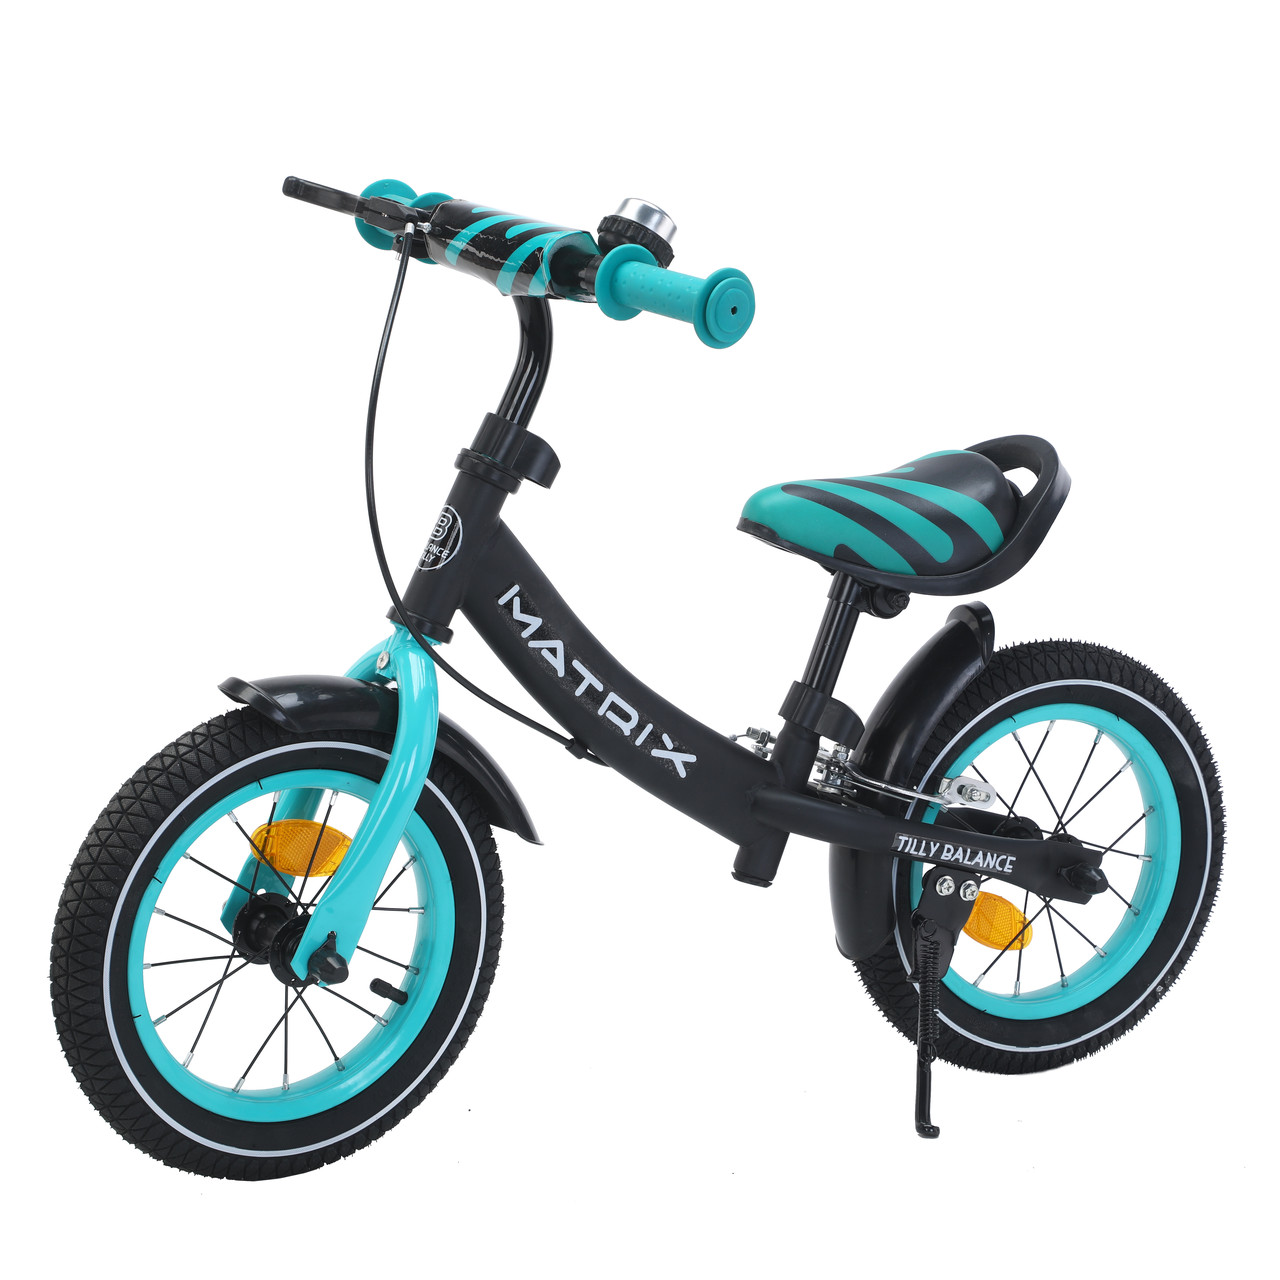 Дитячий беговел з ручним гальмом BALANCE TILLY, 12 дюймів, надувні колеса, Matrix T-21259, Azure